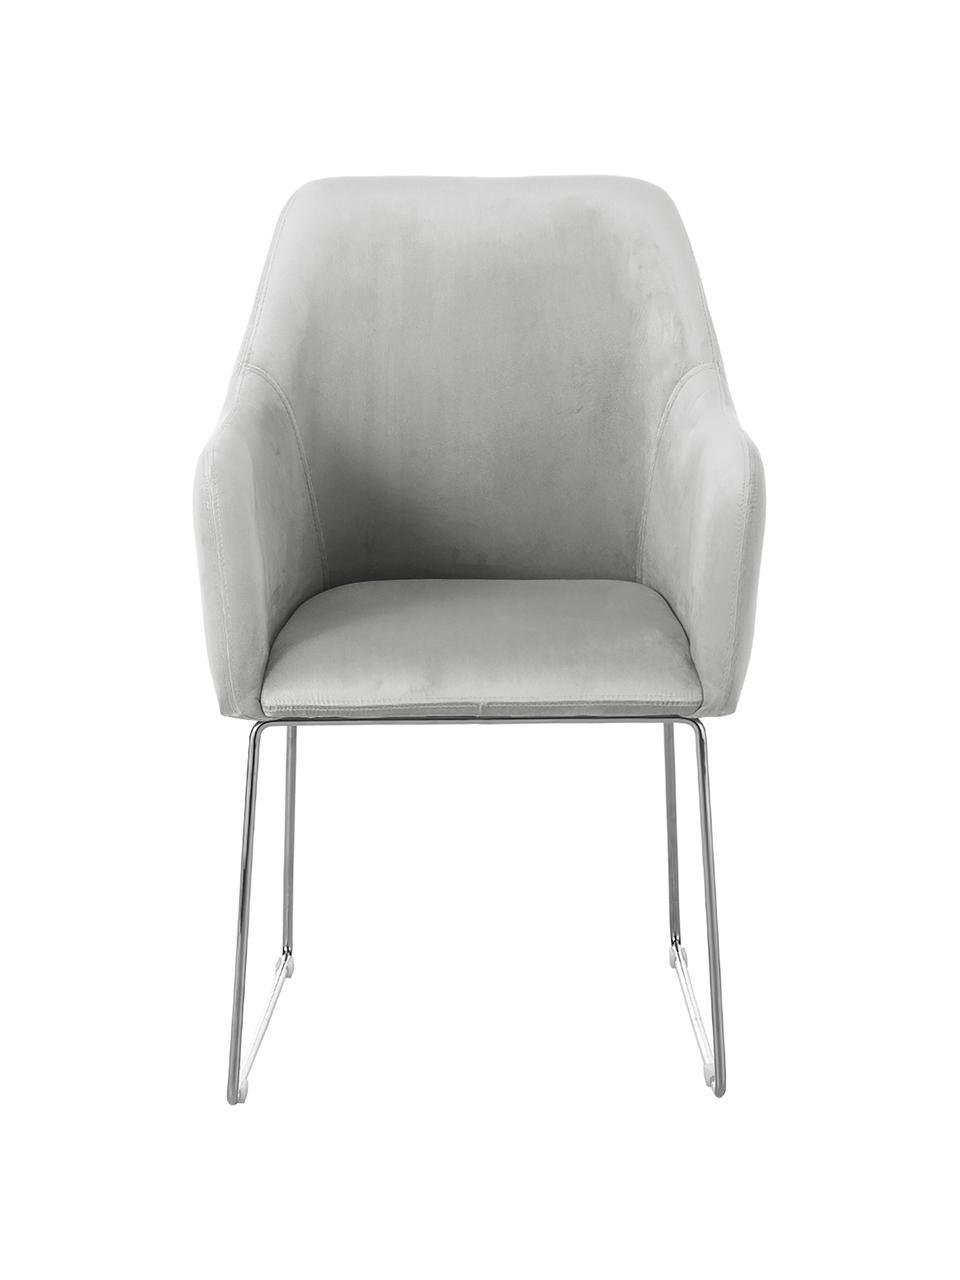 Samt-Armlehnstuhl Isla, Bezug: Polyester Der hochwertige, Beine: Metall, beschichtet, Samt Hellgrau, Beine Silber, B 58 x T 62 cm